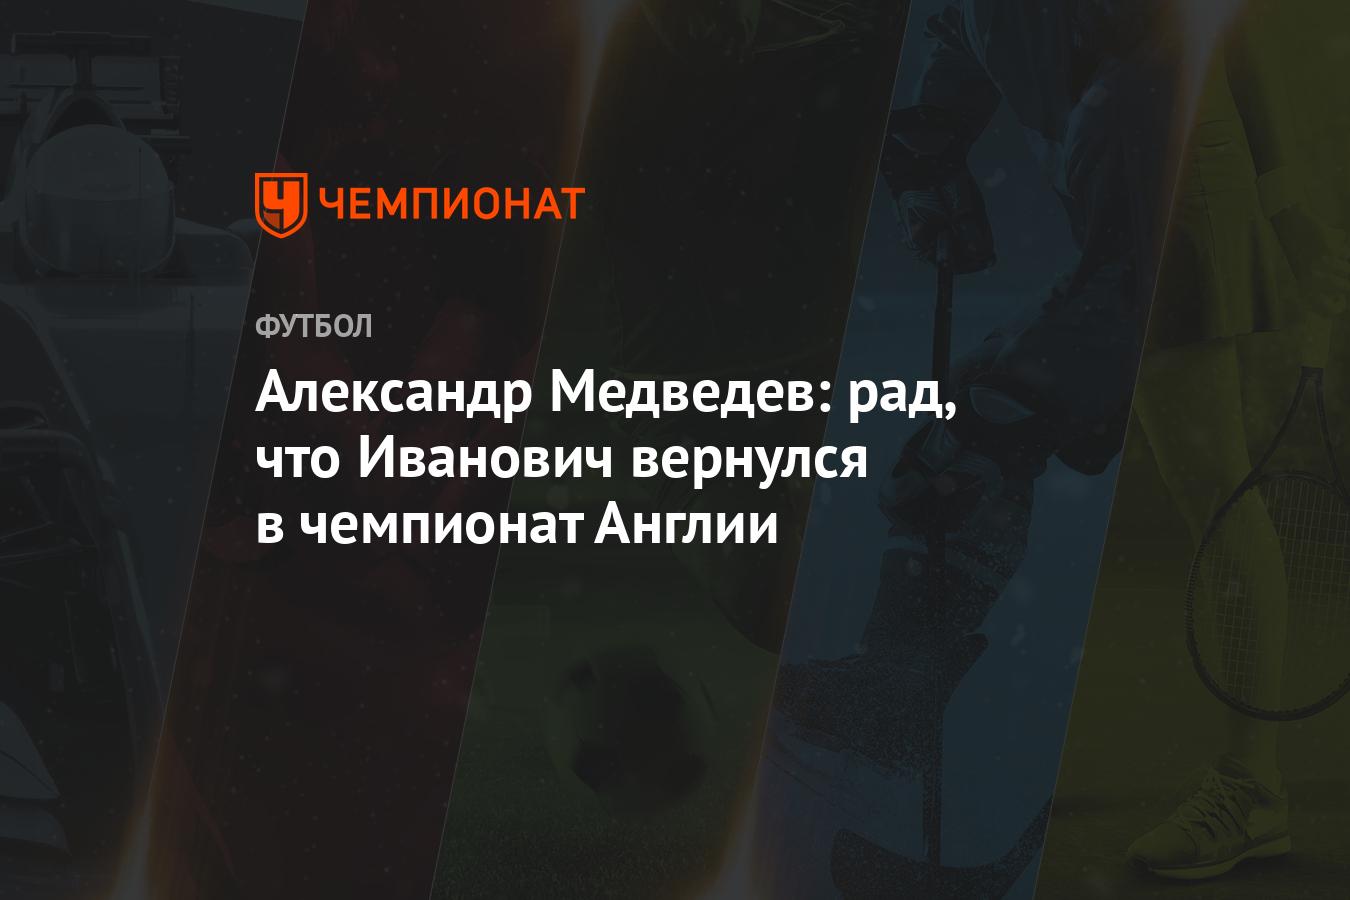 Александр Медведев: рад тому, что Иванович вернулся в чемпионат Англии